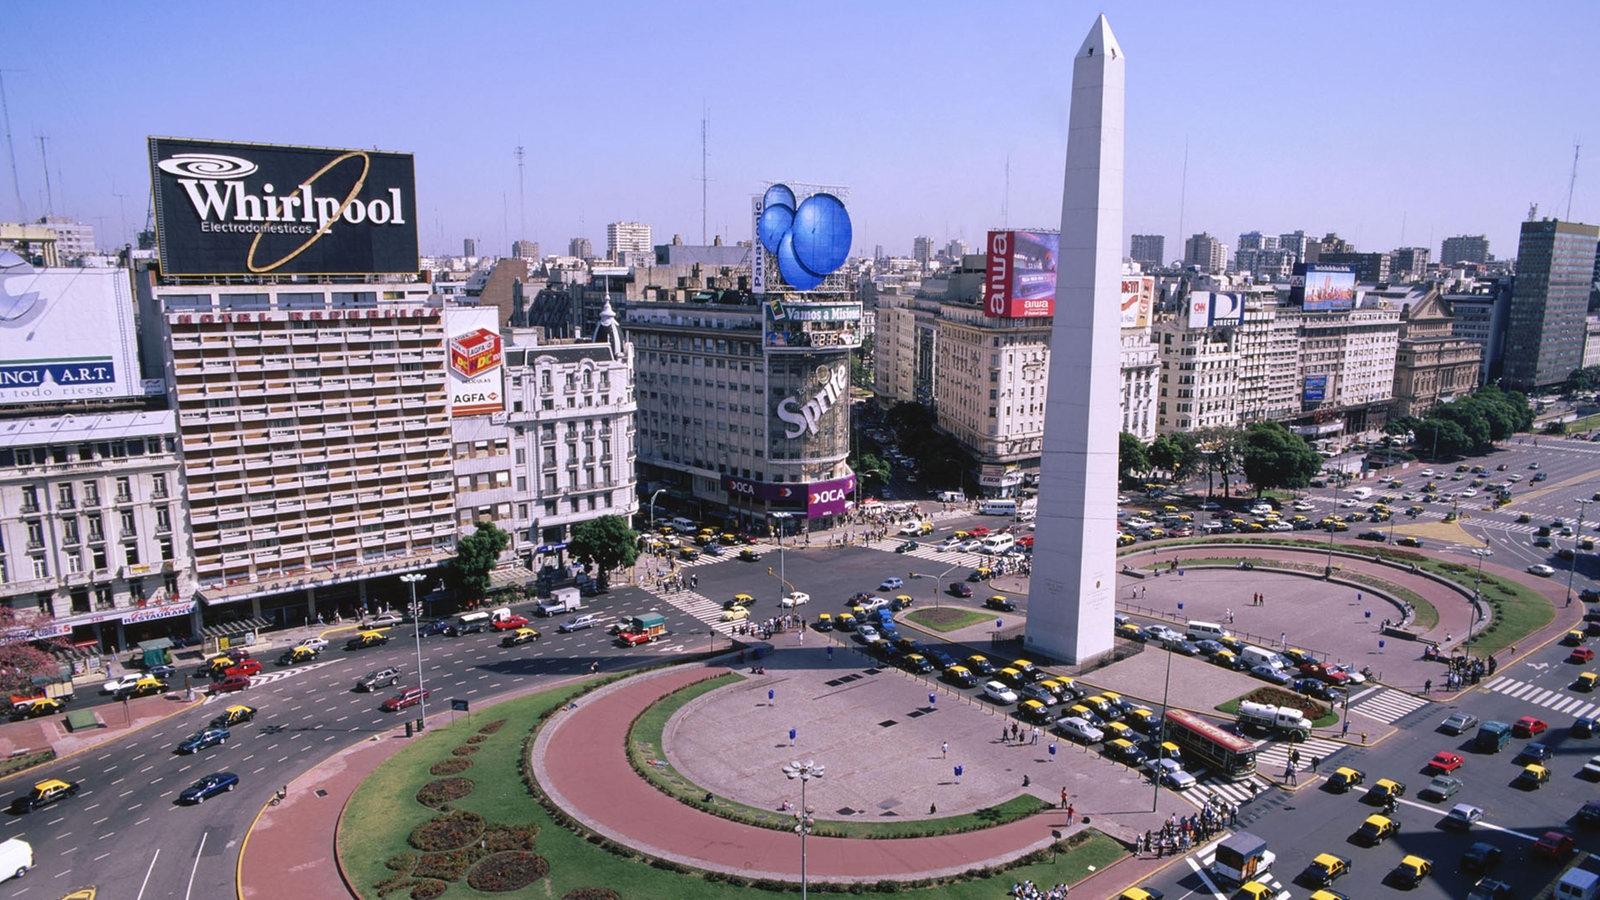 sehensw rdigkeiten der argentinischen hauptstadt buenos